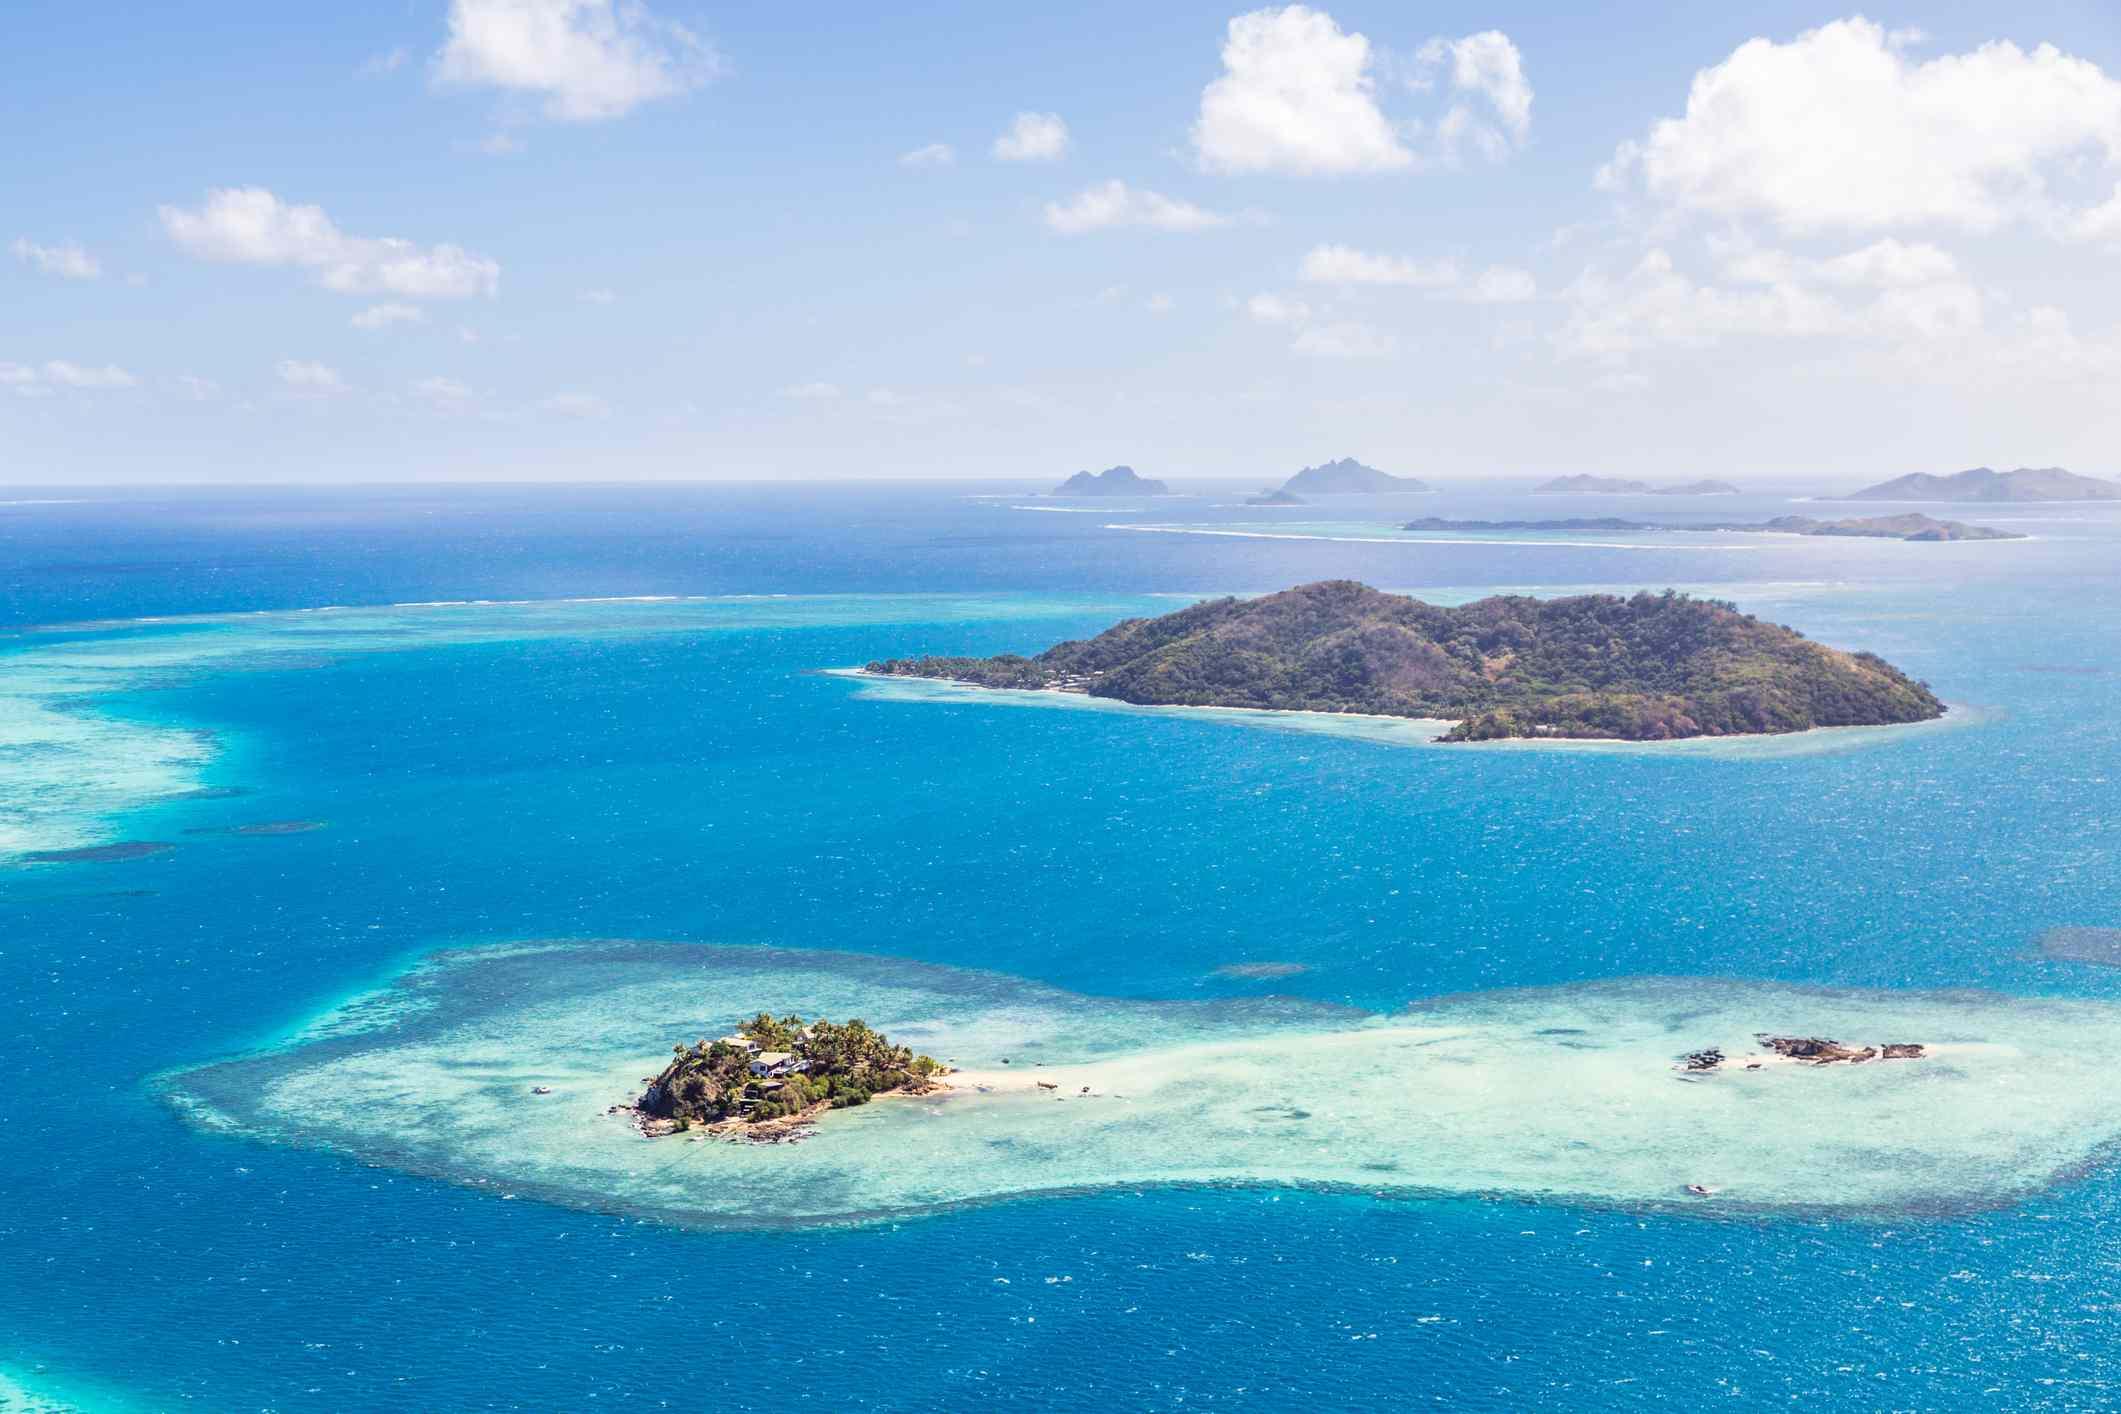 Fiji in the Pacific Ocean